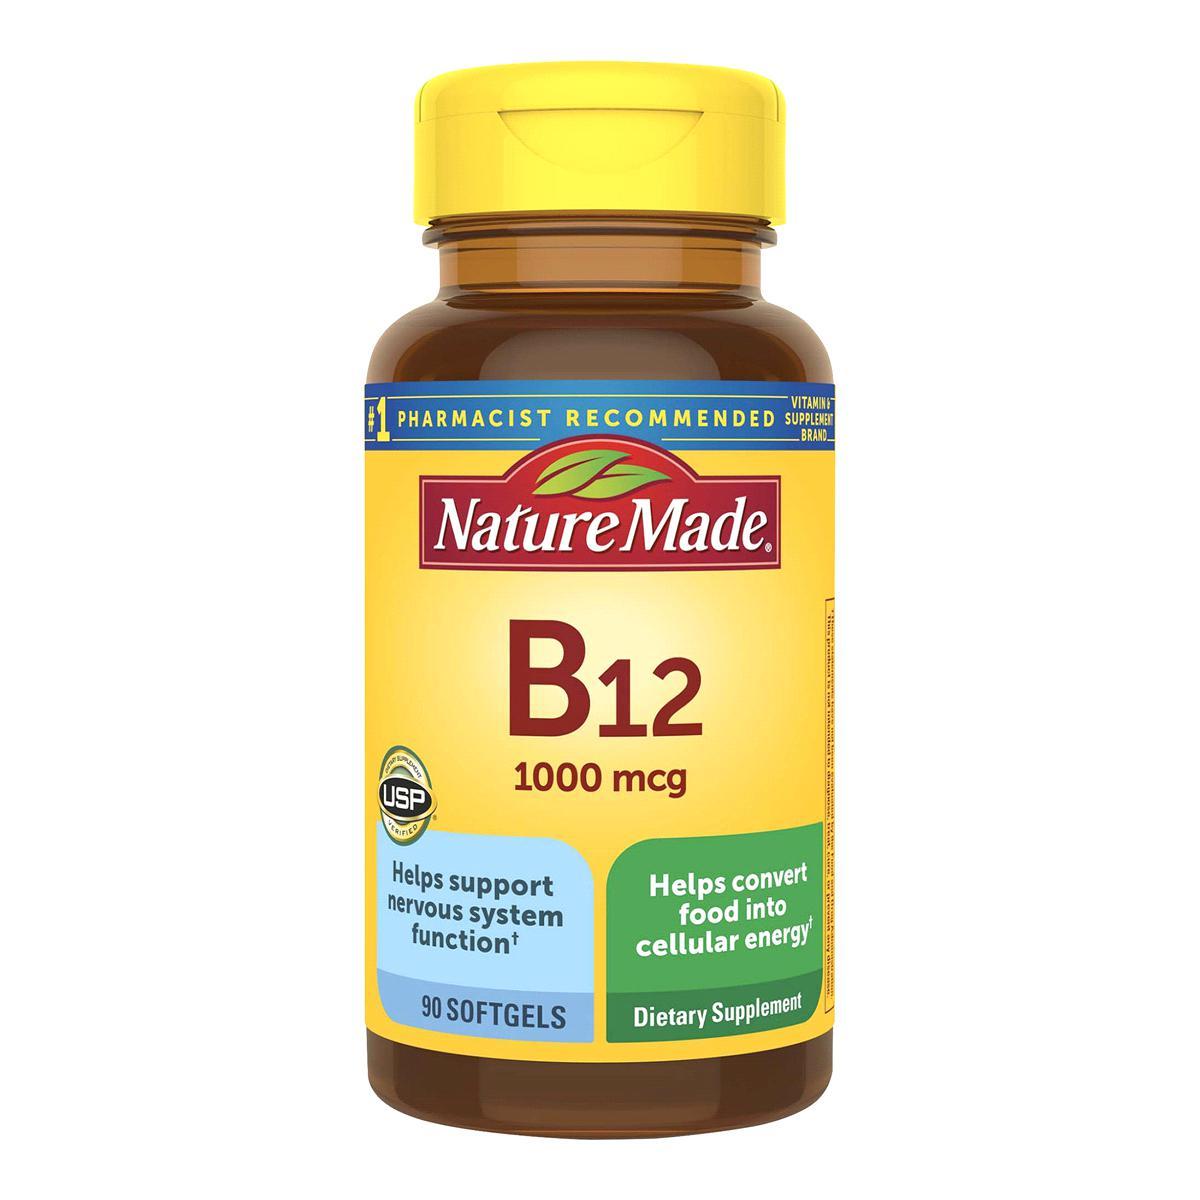 Viên bổ sung Vitamin B12 Nature Made 1000 mcg của Mỹ hộp 90 viên mẫu mới